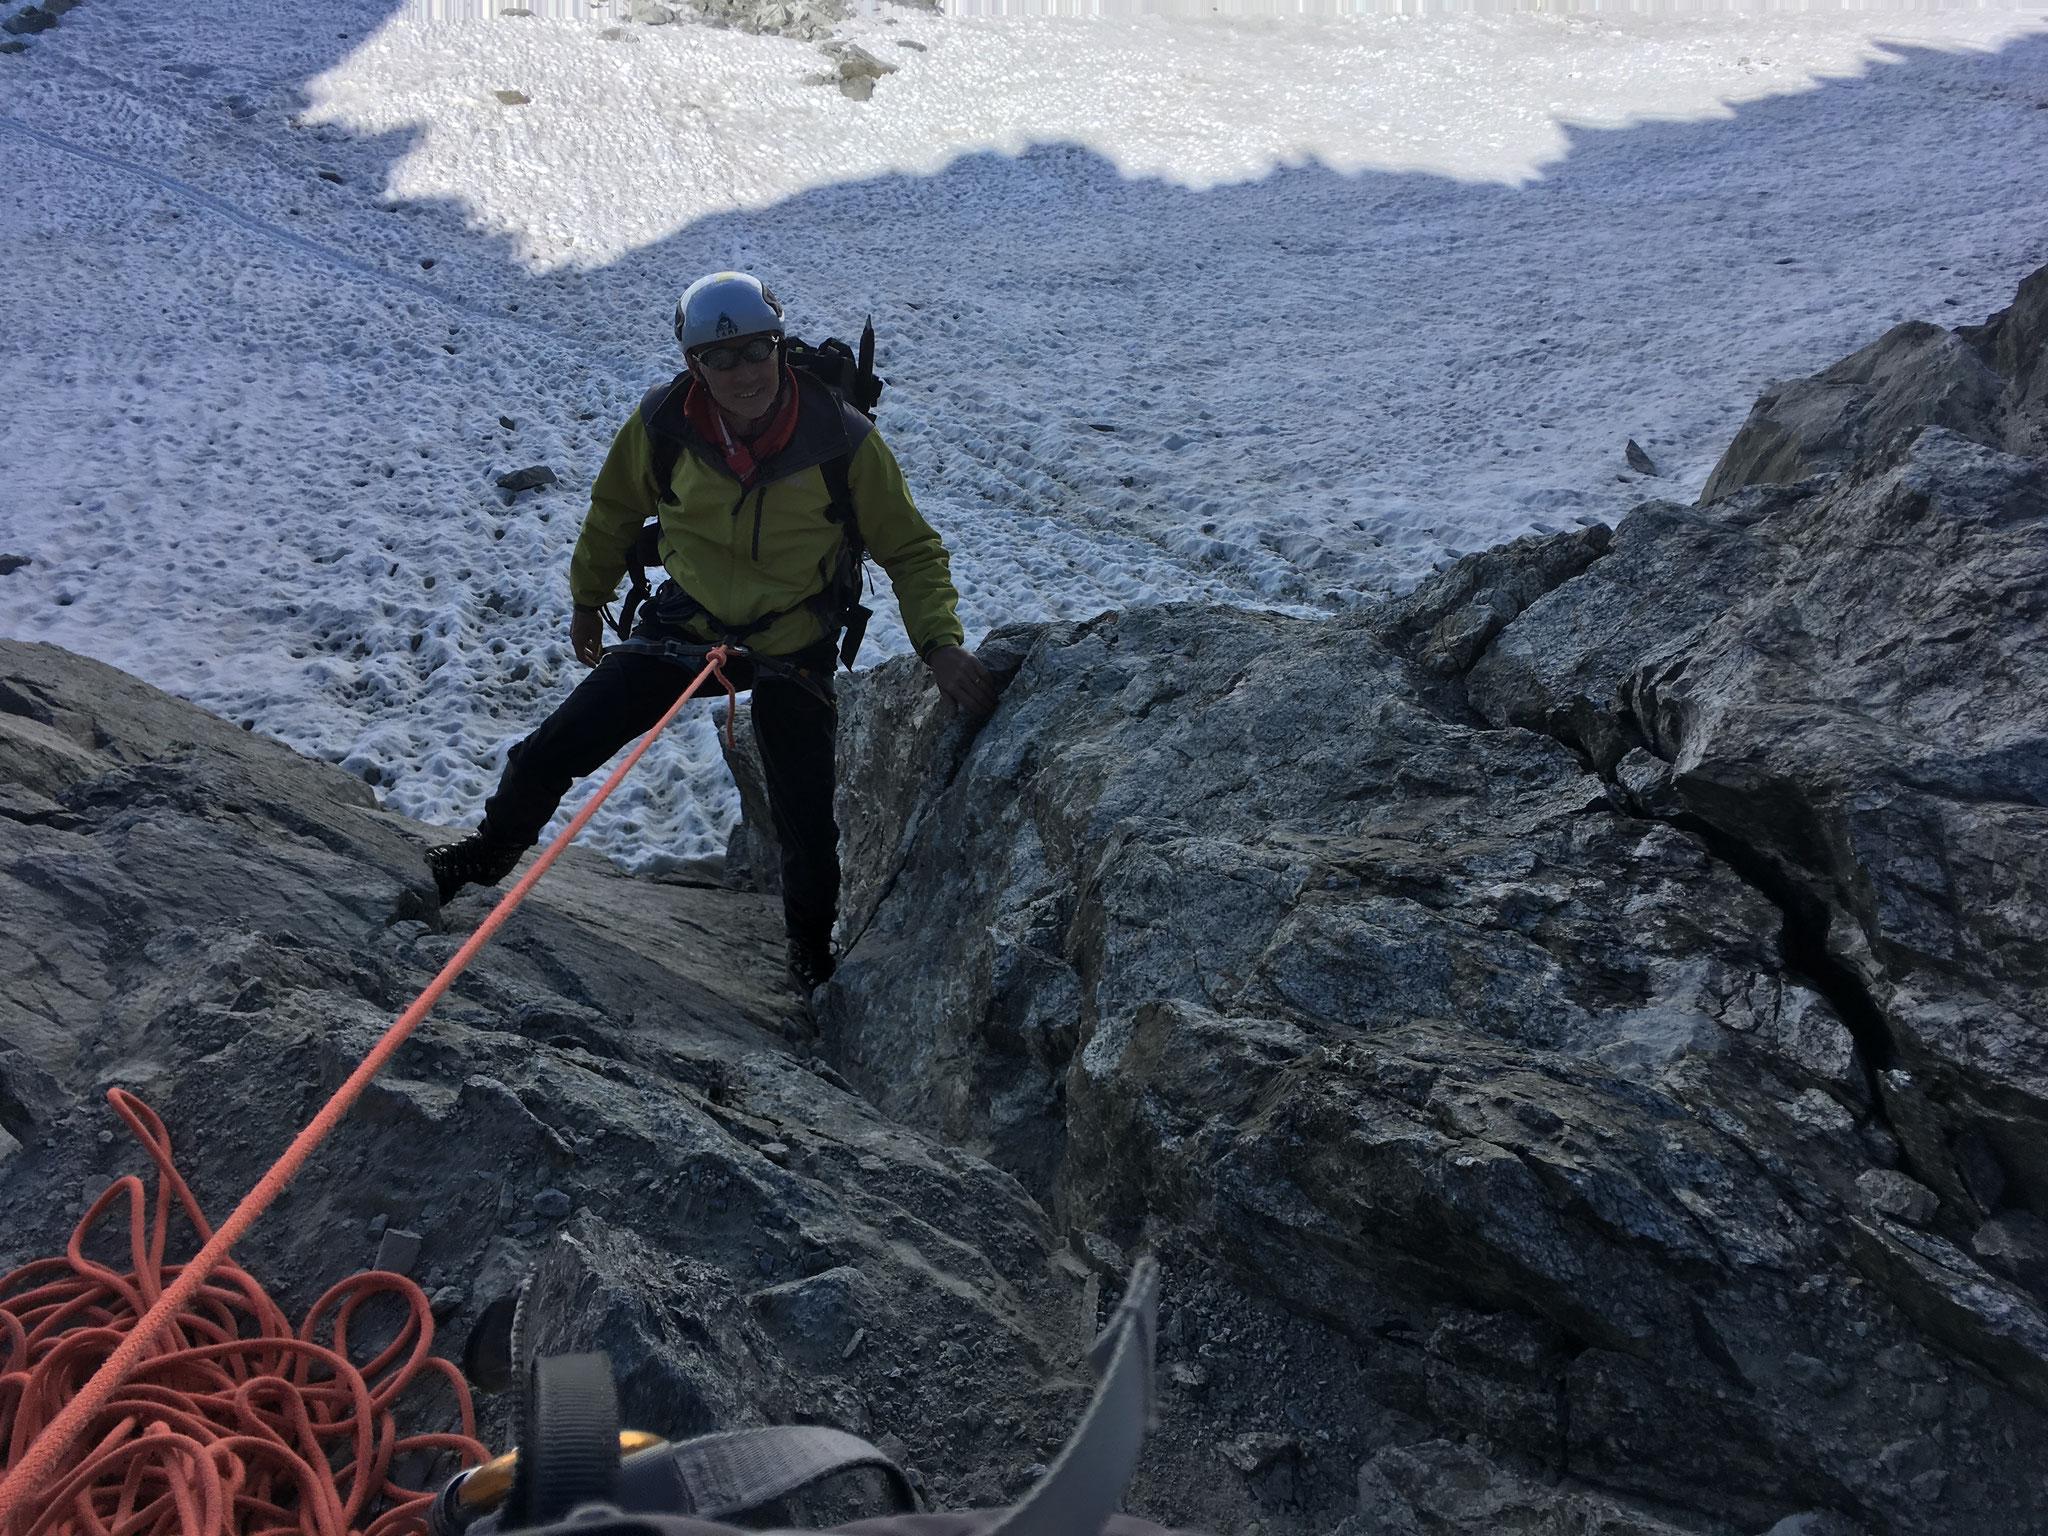 Le rappel pour reprendre contact avec le Glacier au retour